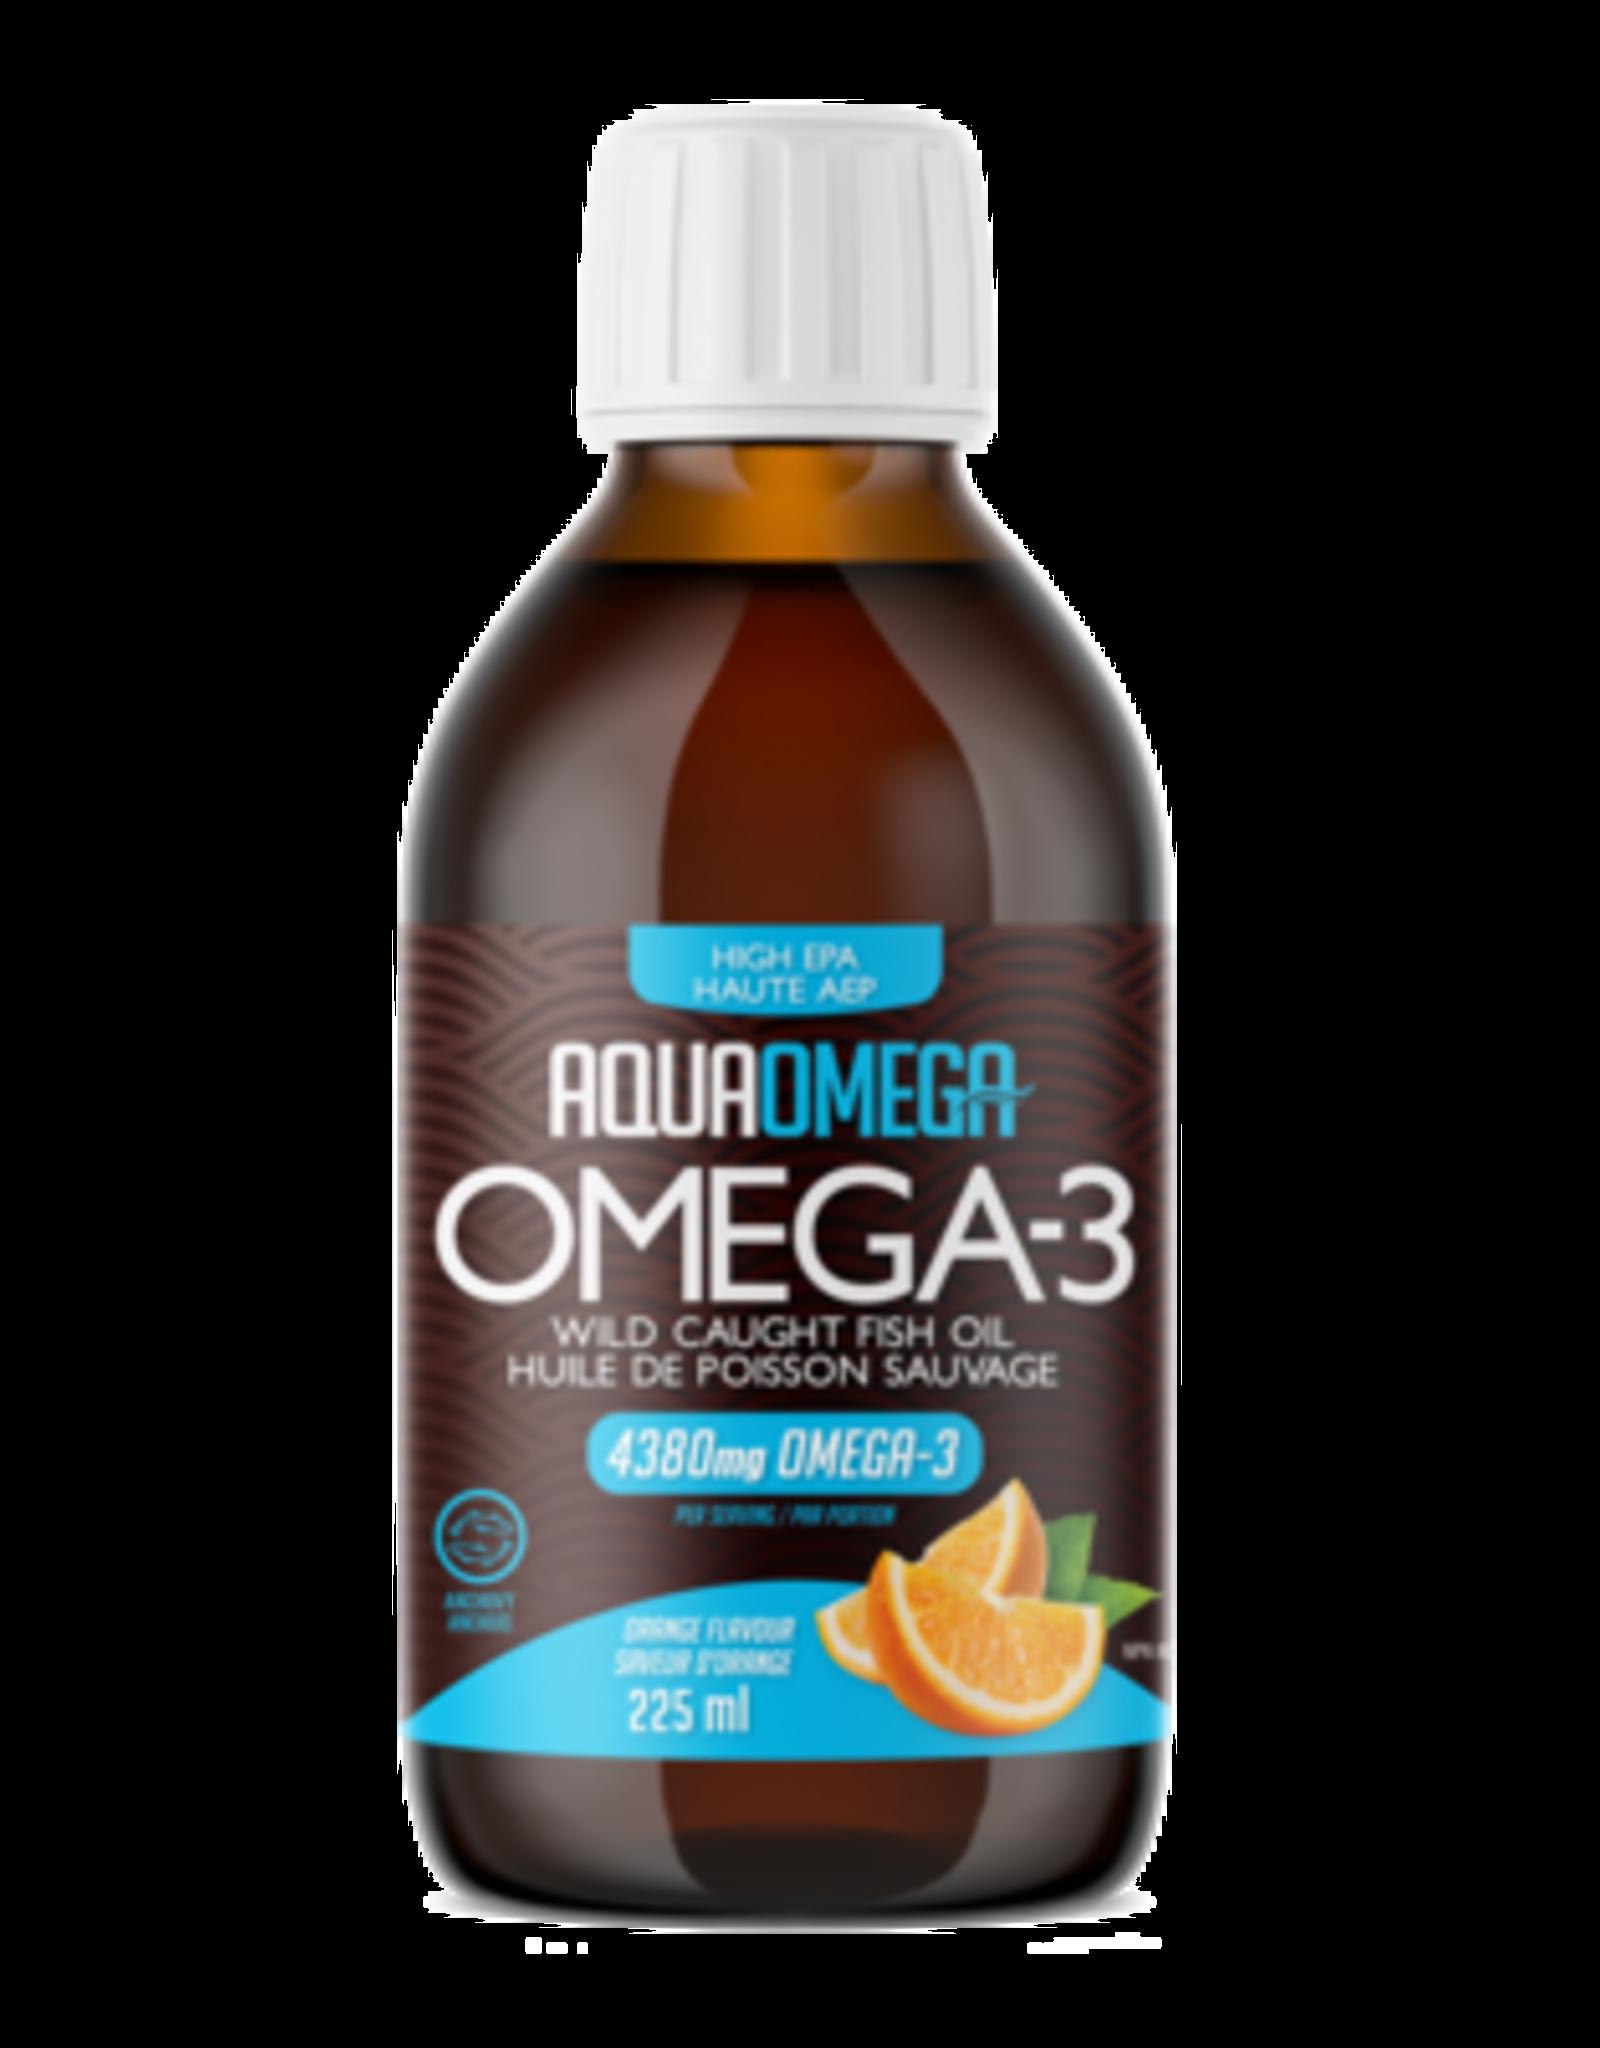 Aqua Omega Orange High EPA (225ml)